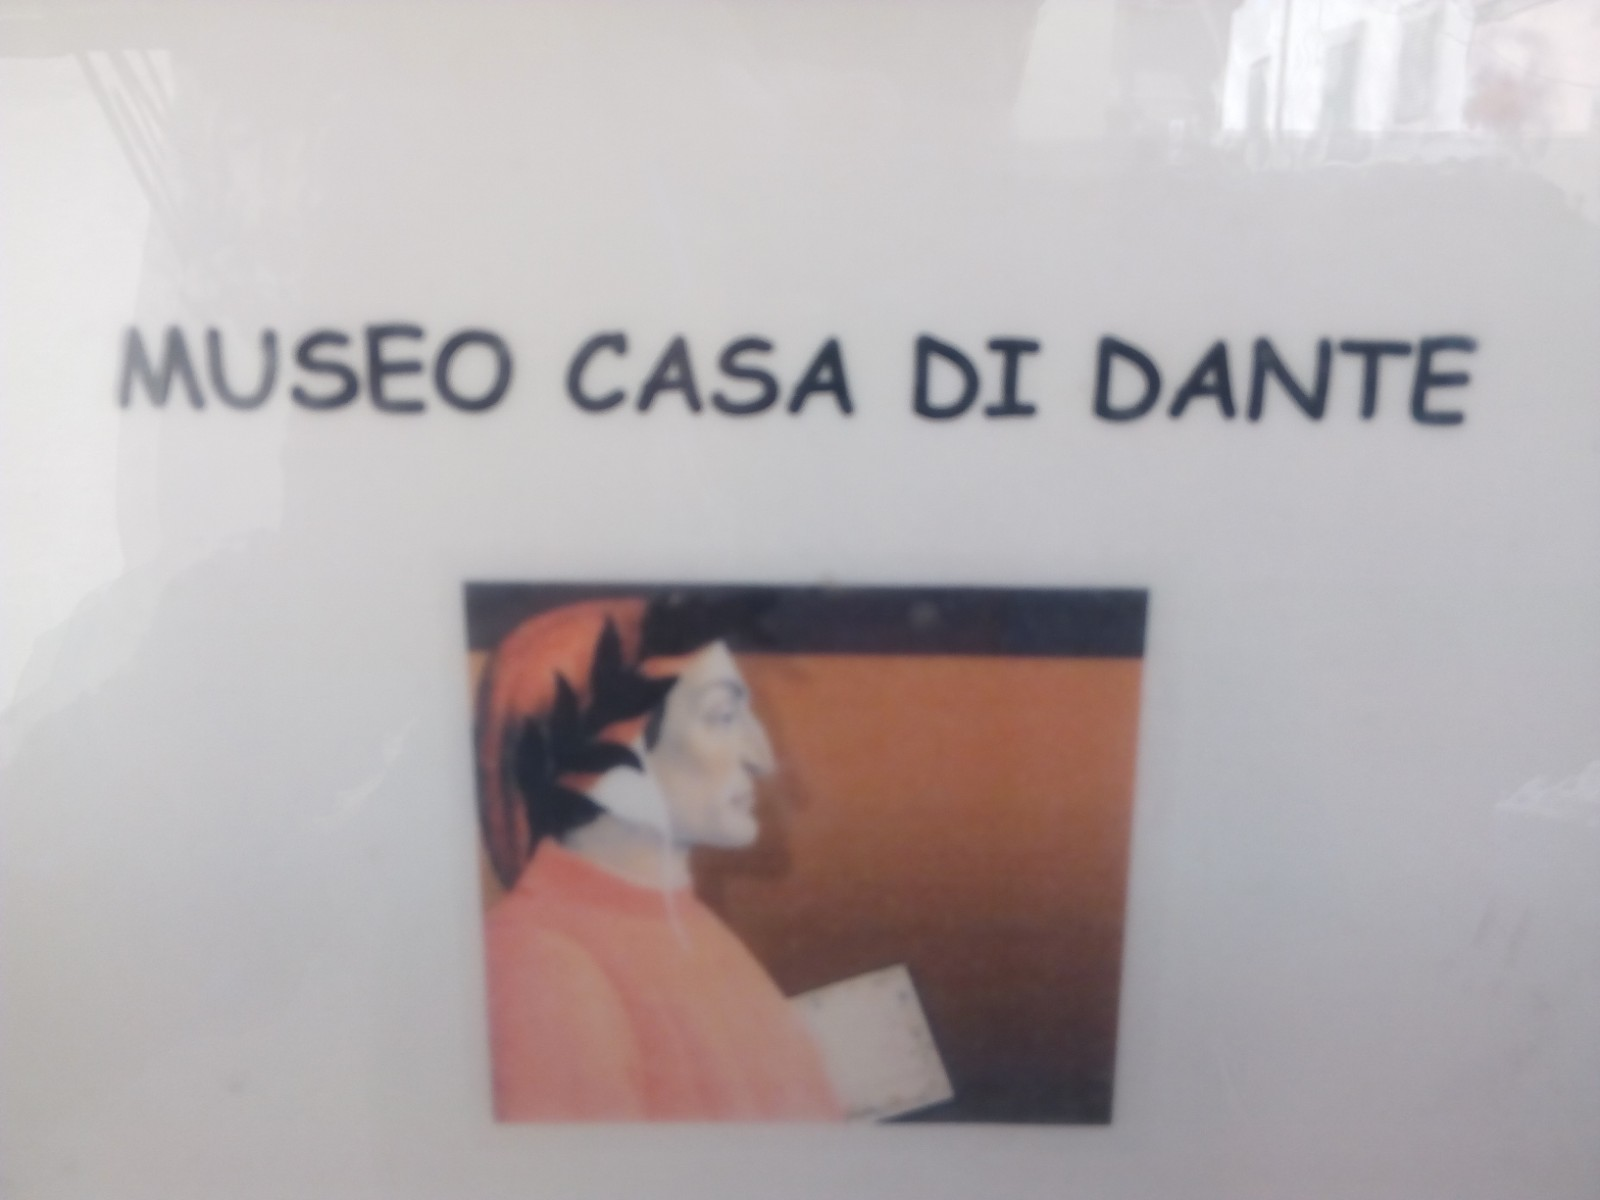 Poémame visita al poeta Dante Alighieri